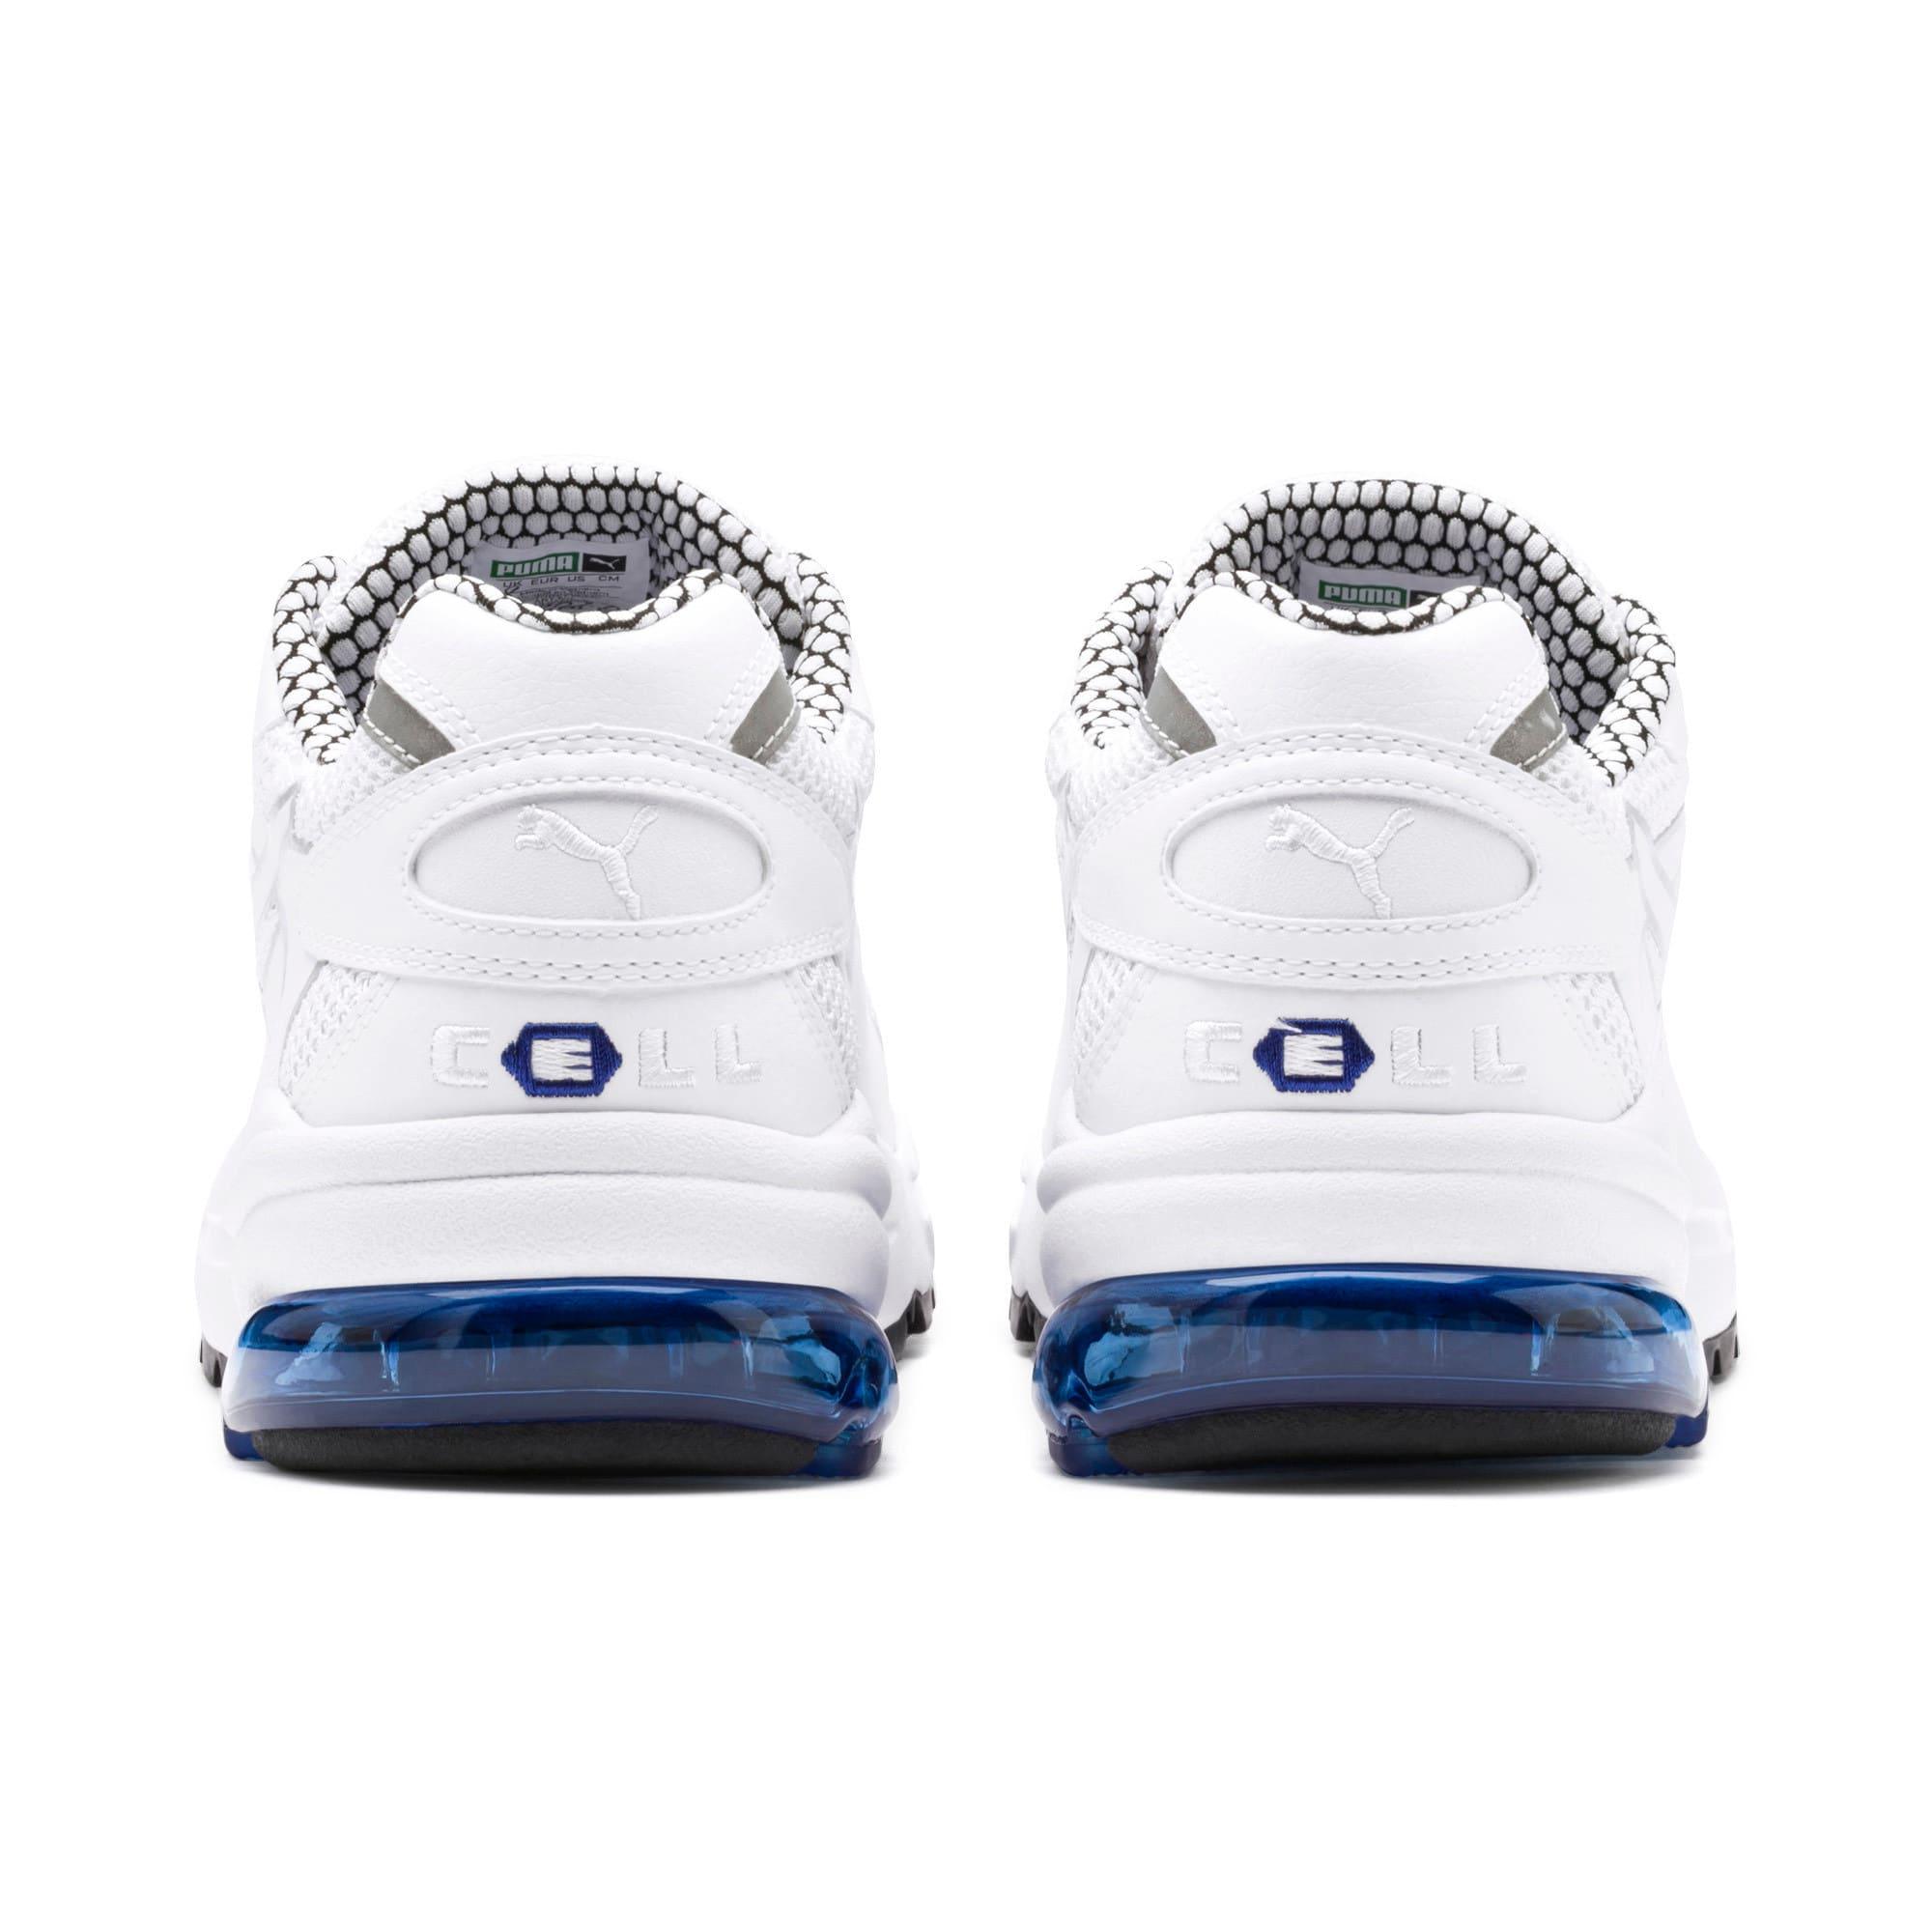 Thumbnail 4 of CELL Alien Kotto Sneakers, Puma White-Puma White, medium